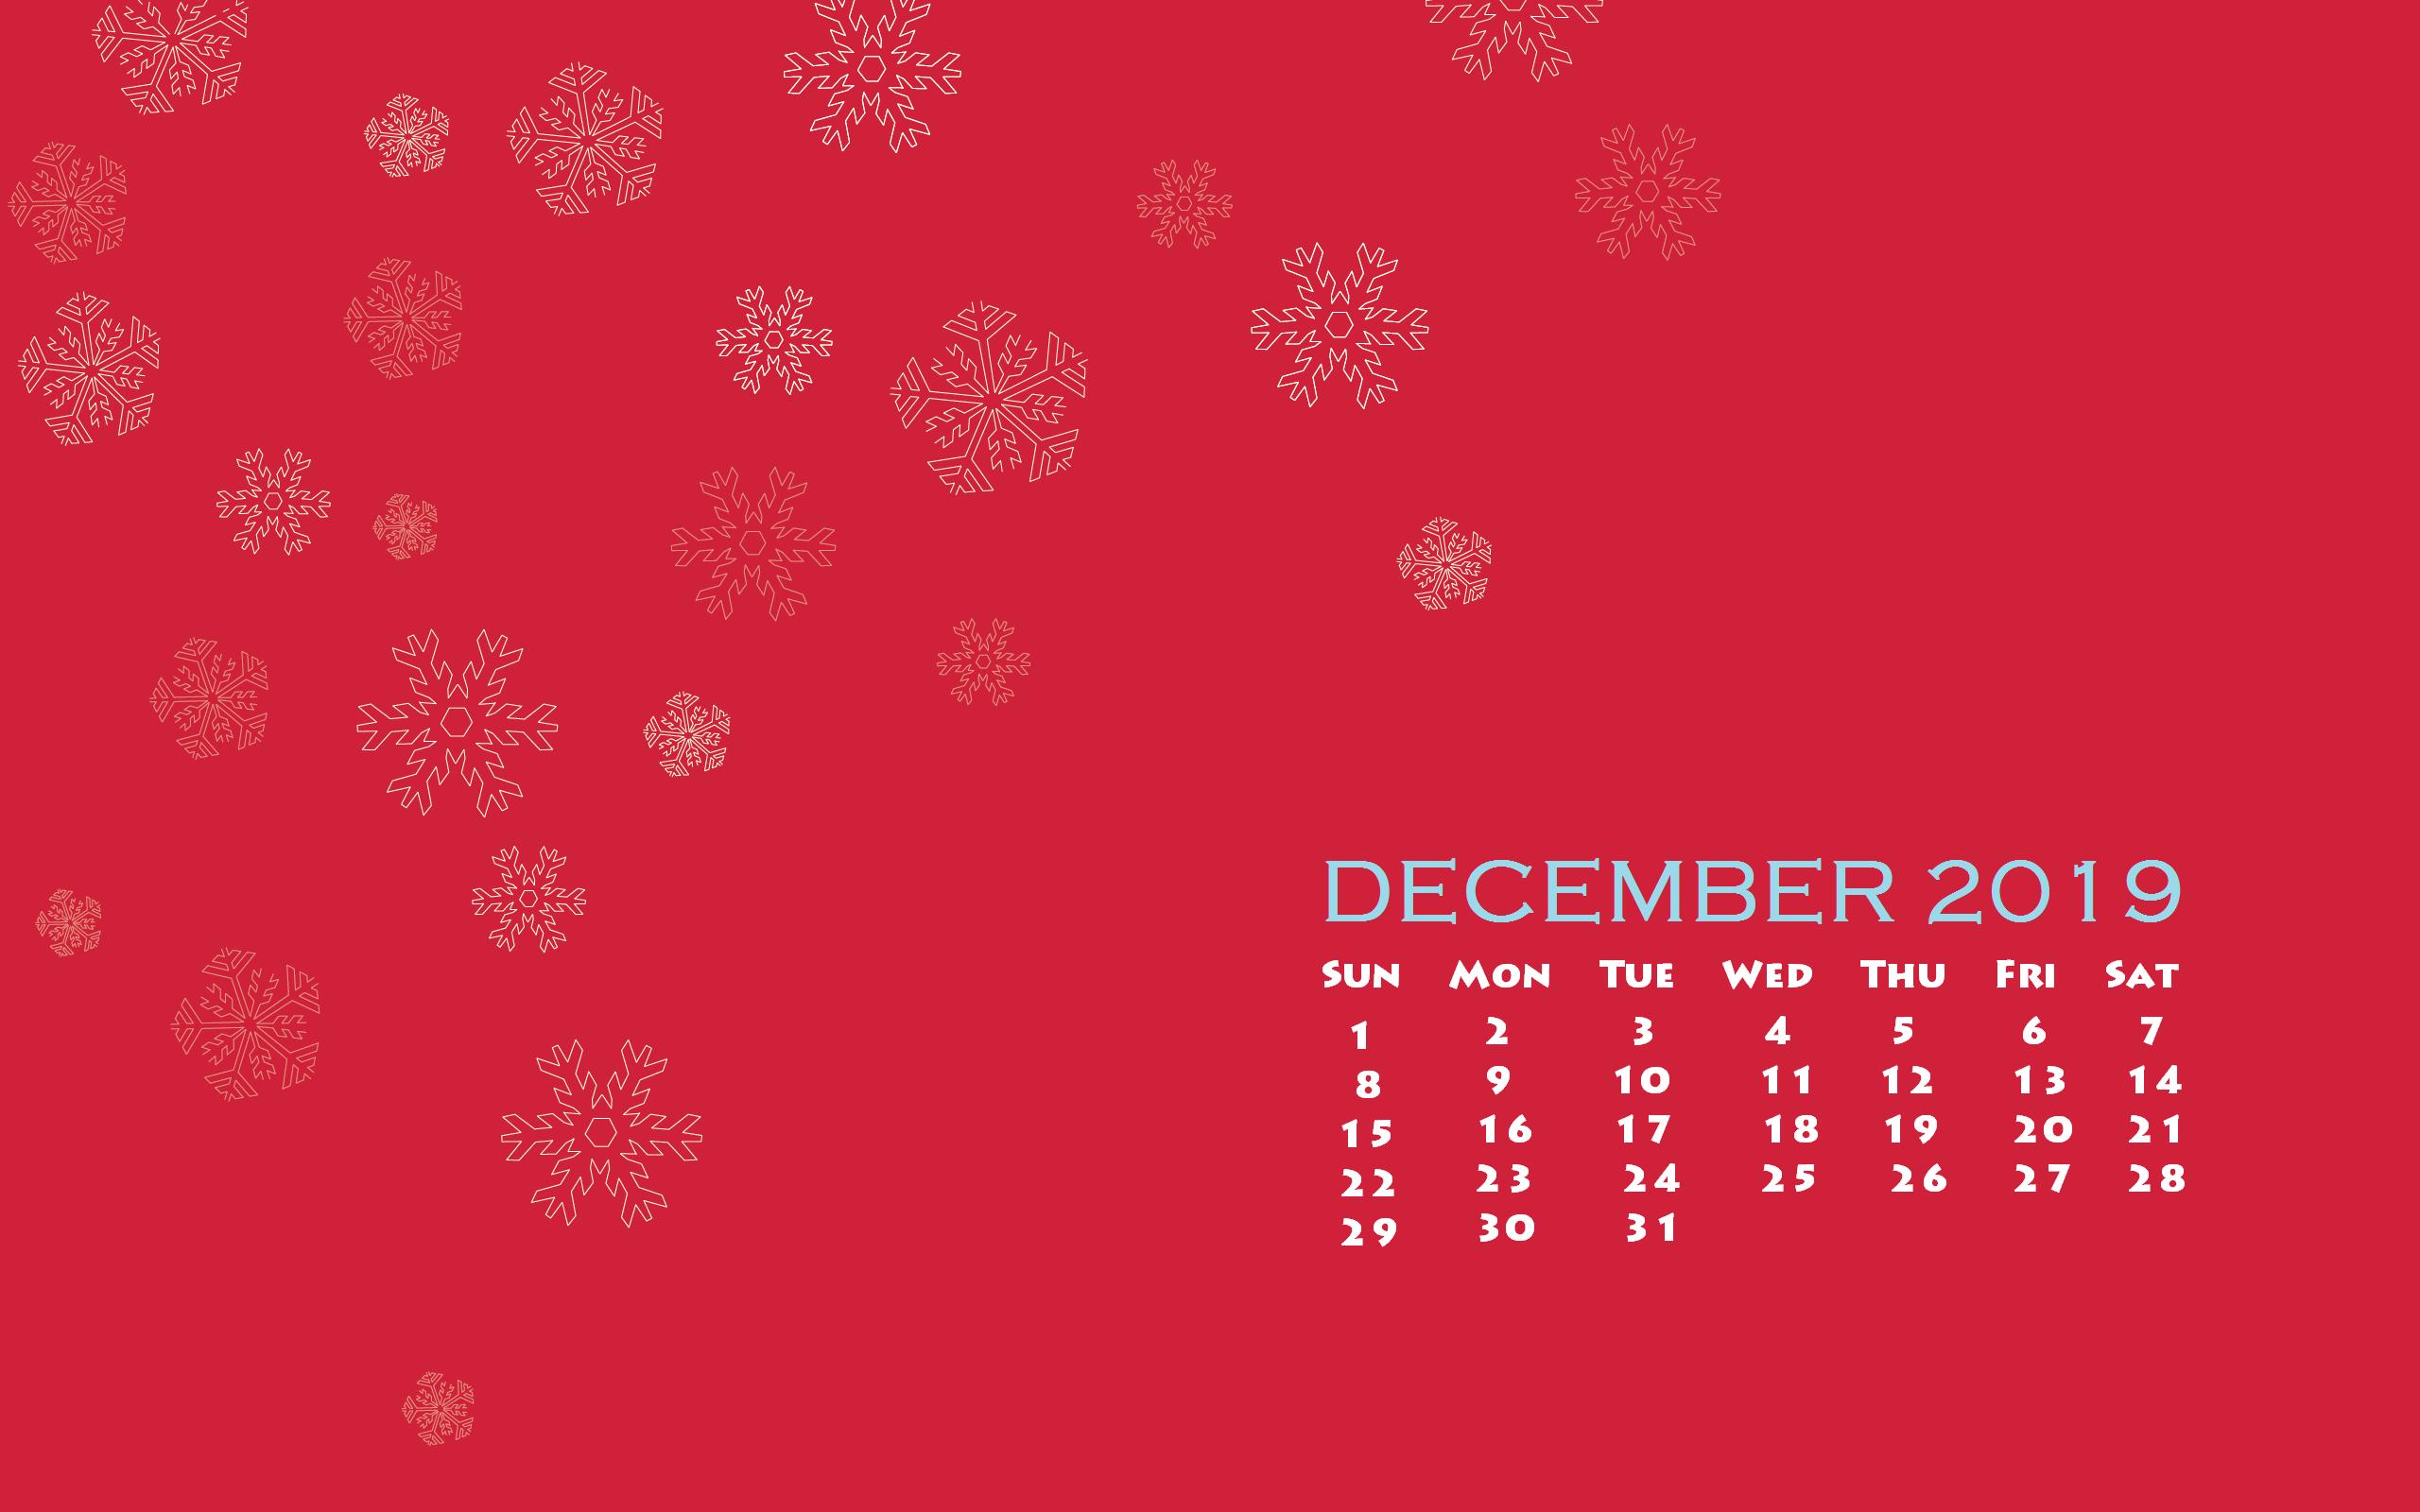 December 2019 Desktop Calendar Wallpaper